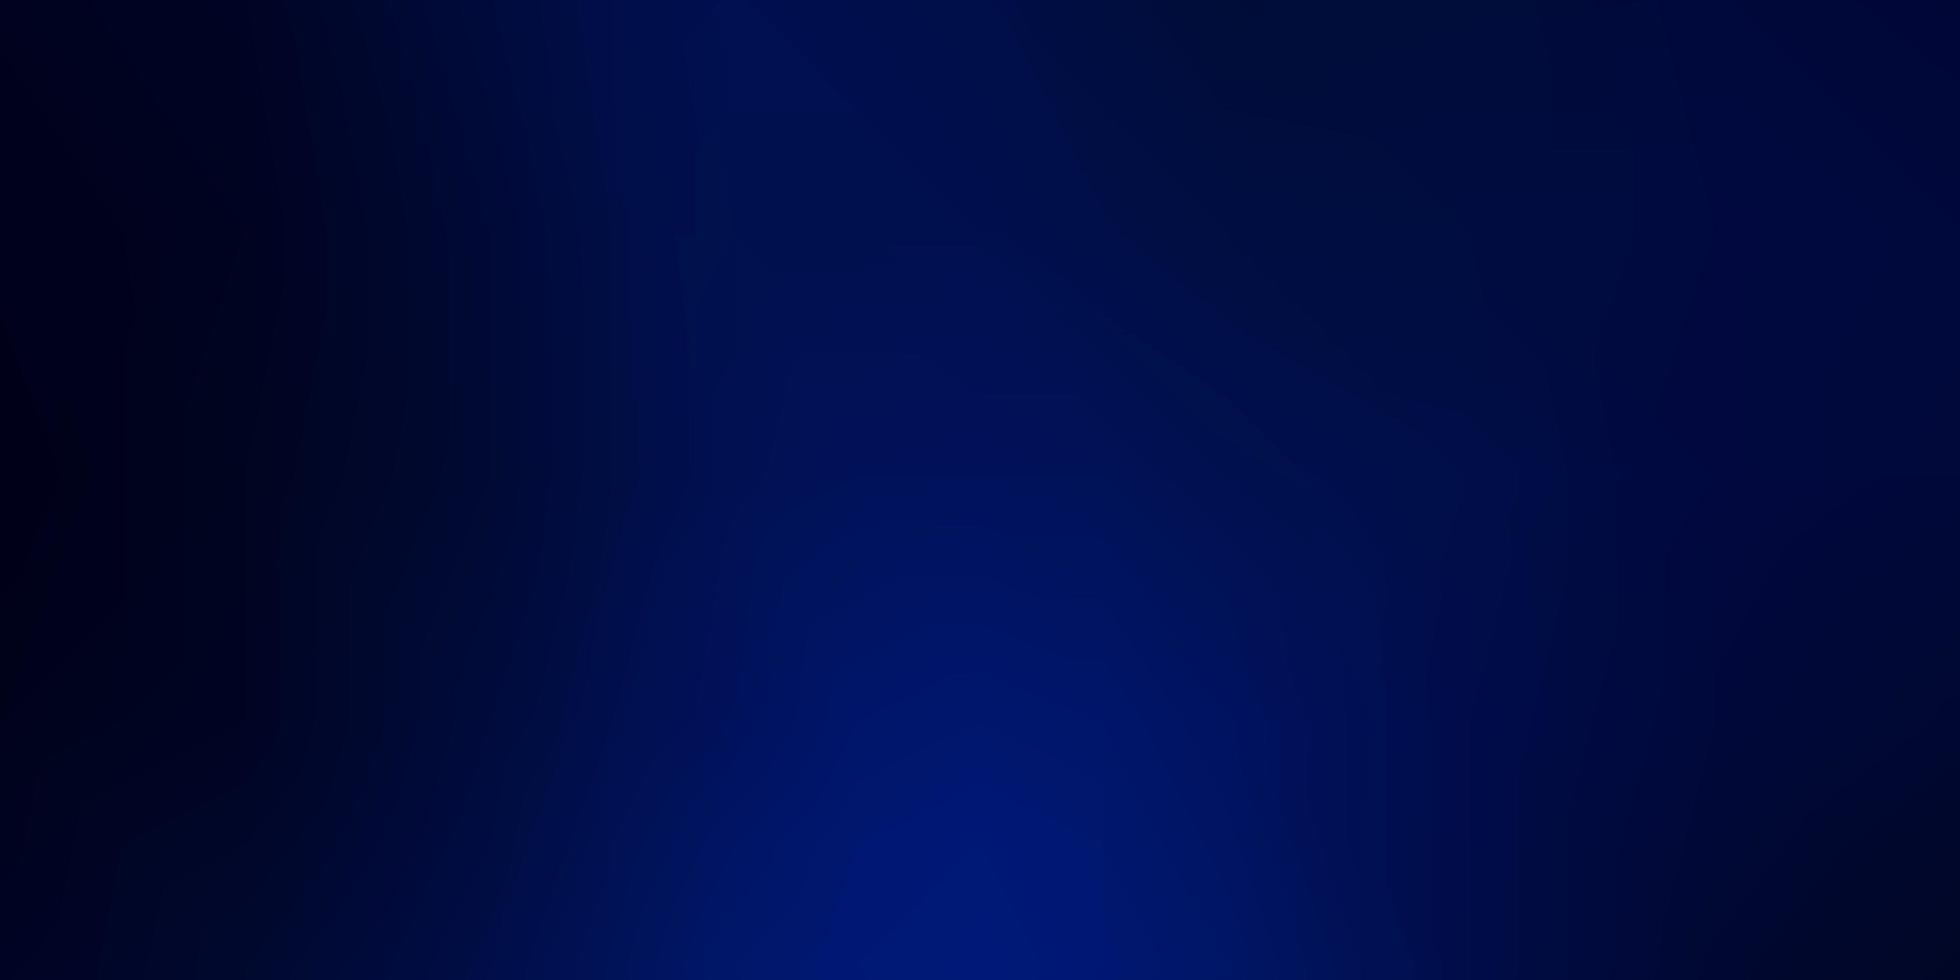 layout borrado moderno azul escuro. vetor